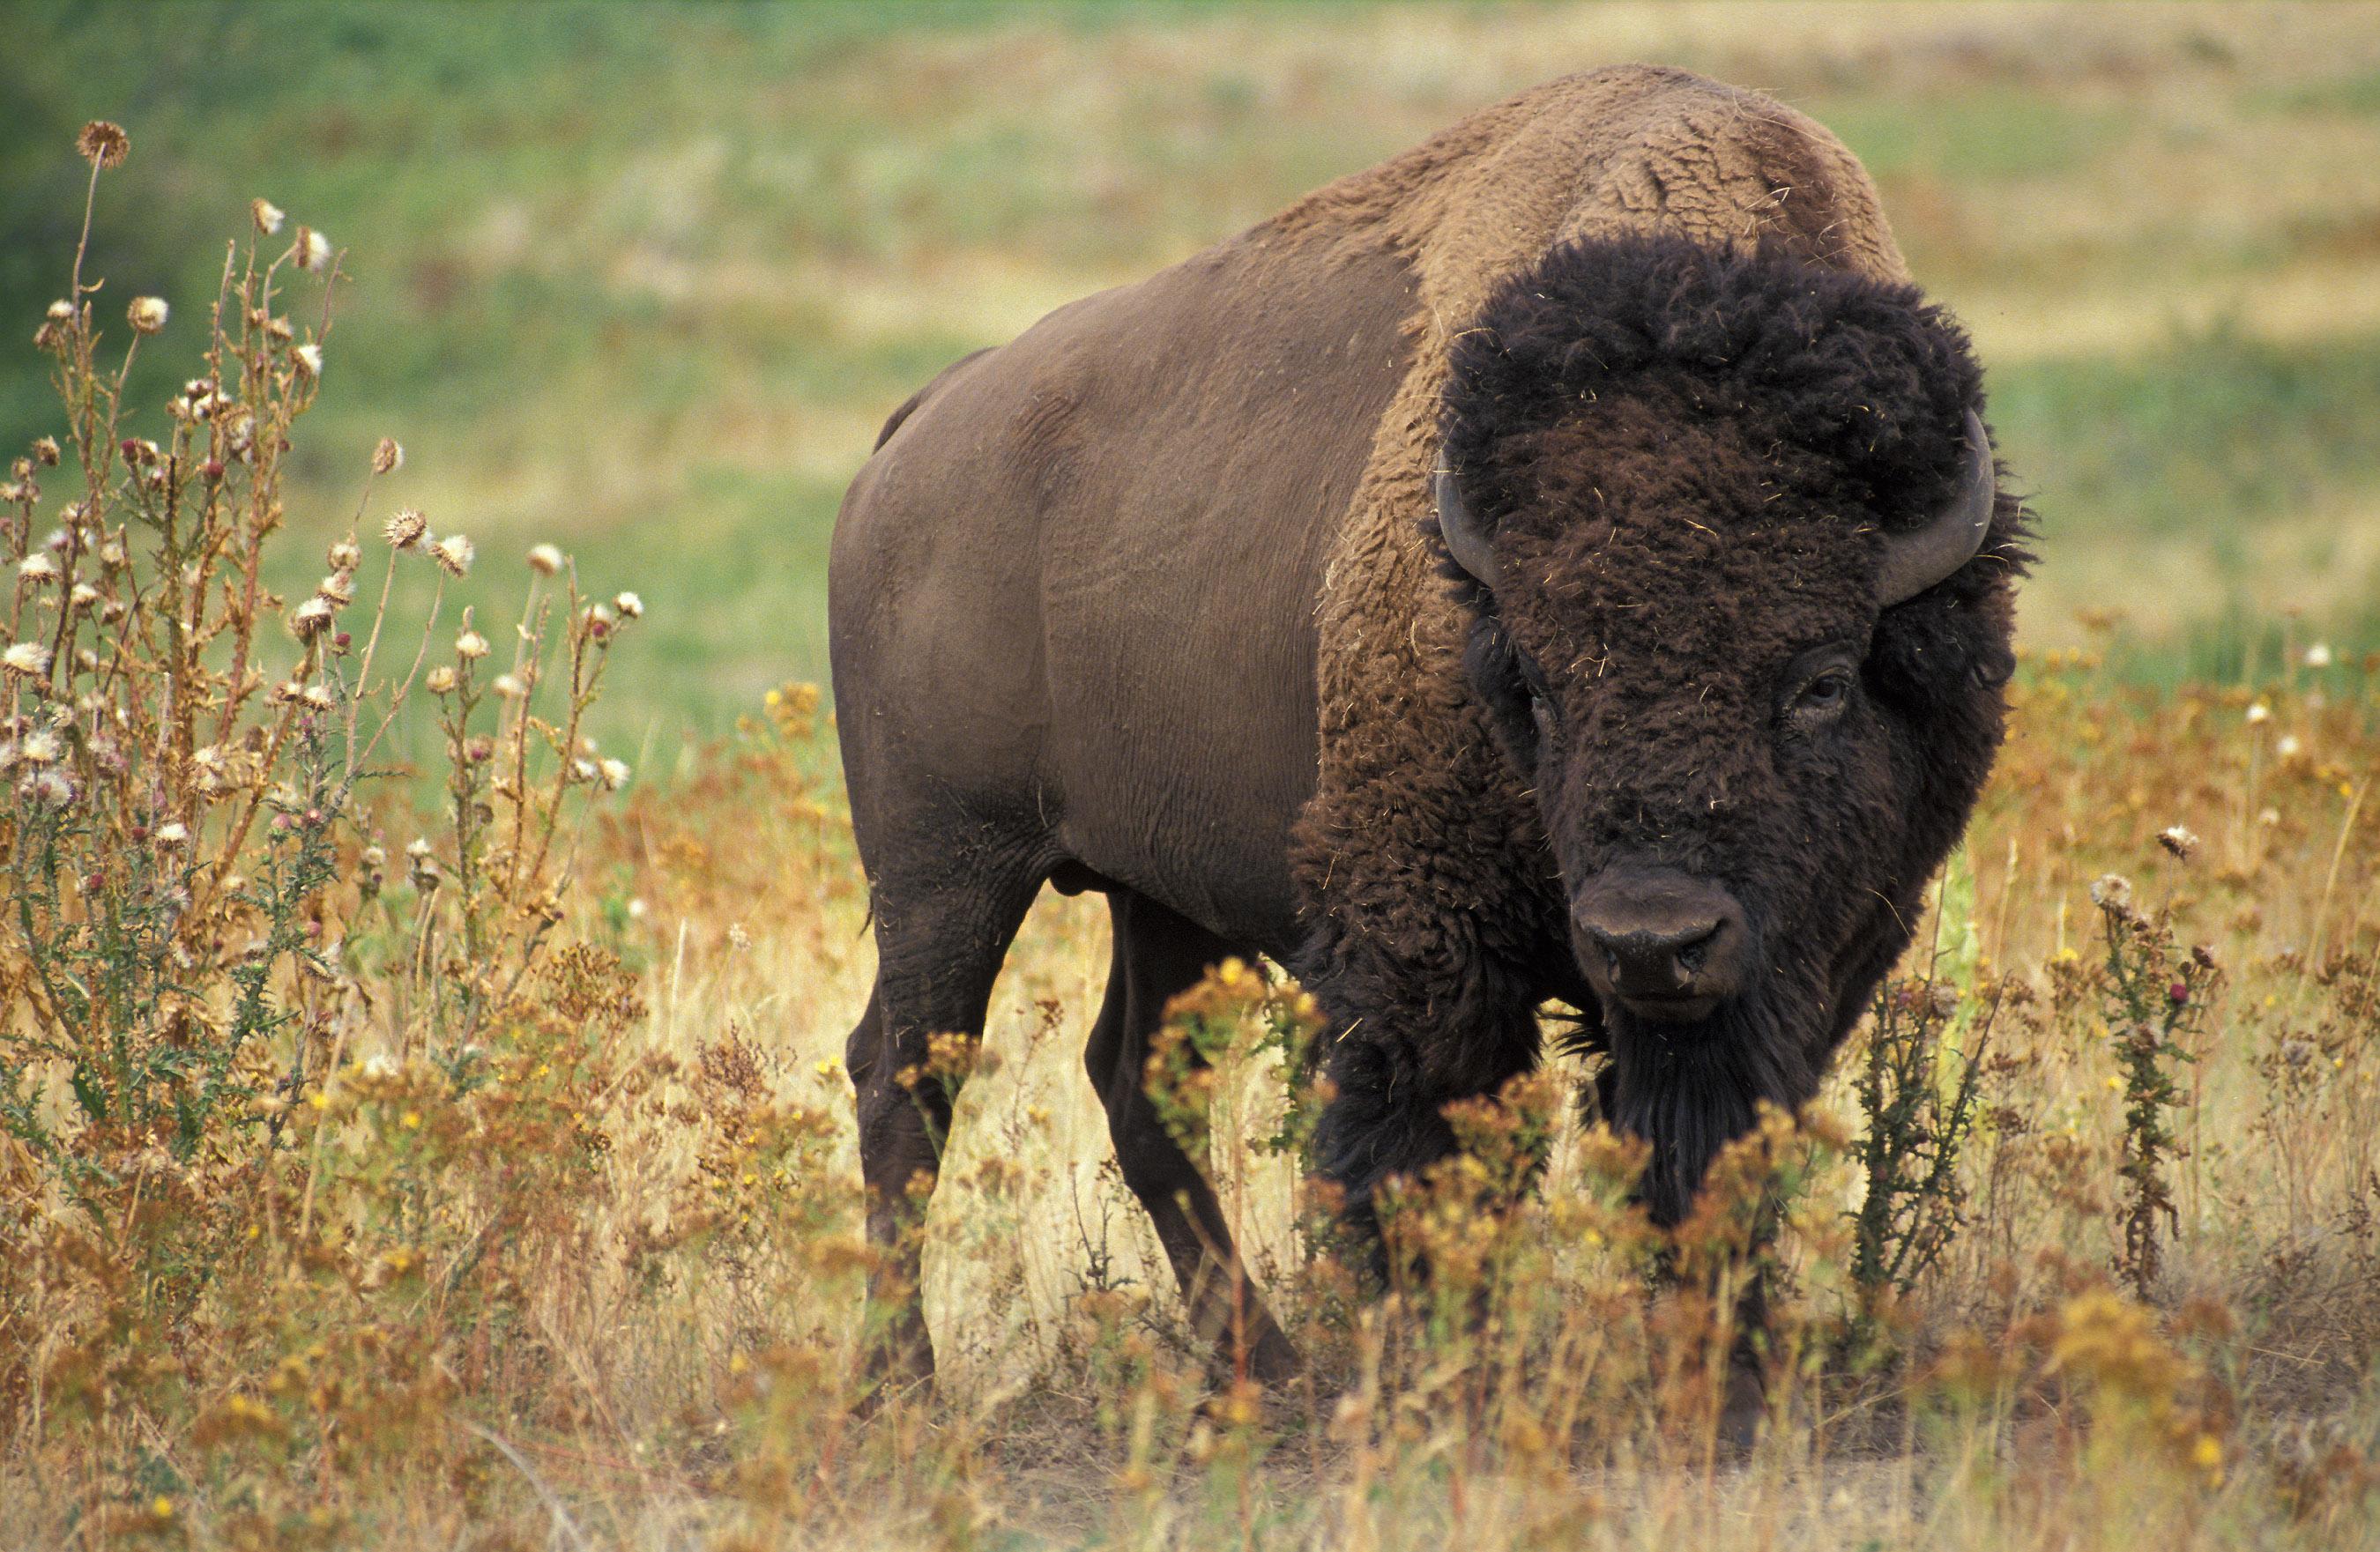 deadly animals Bison